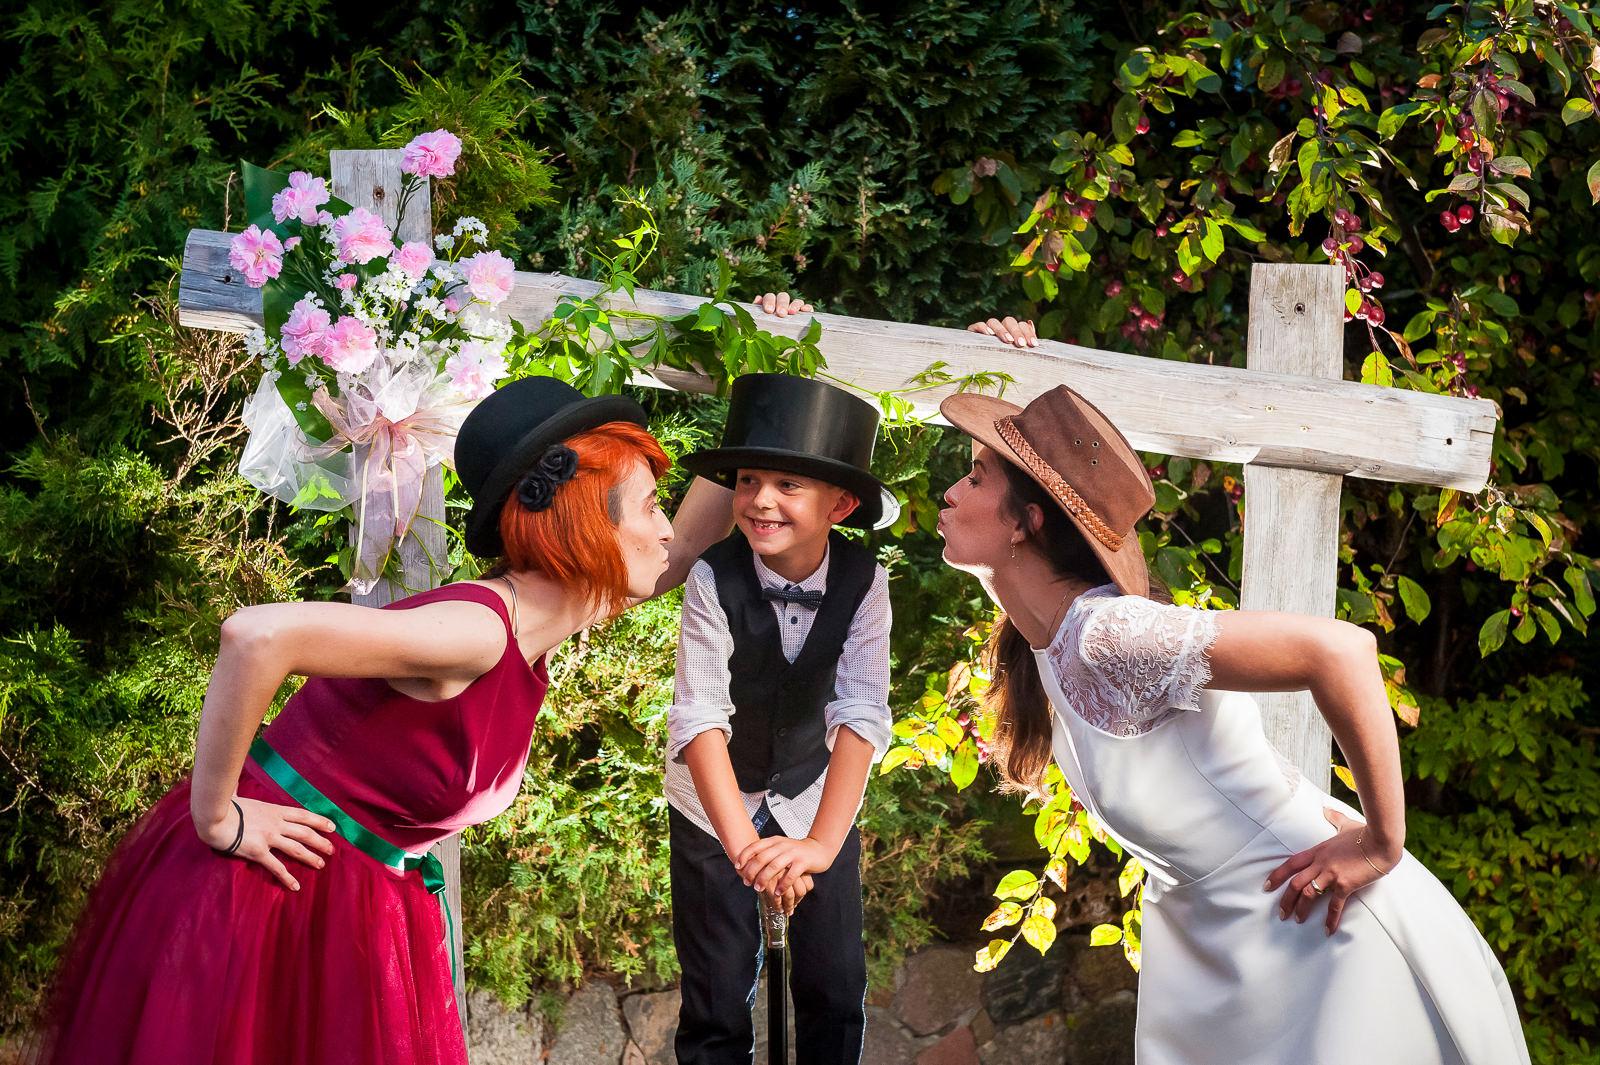 Nawet pozowane zdjęcia w trakcie ślubu mogą wyglądać niebanalnie - wszystko żalezy od wybranej konwencji przez parę młodą i fotografa ślubnego.